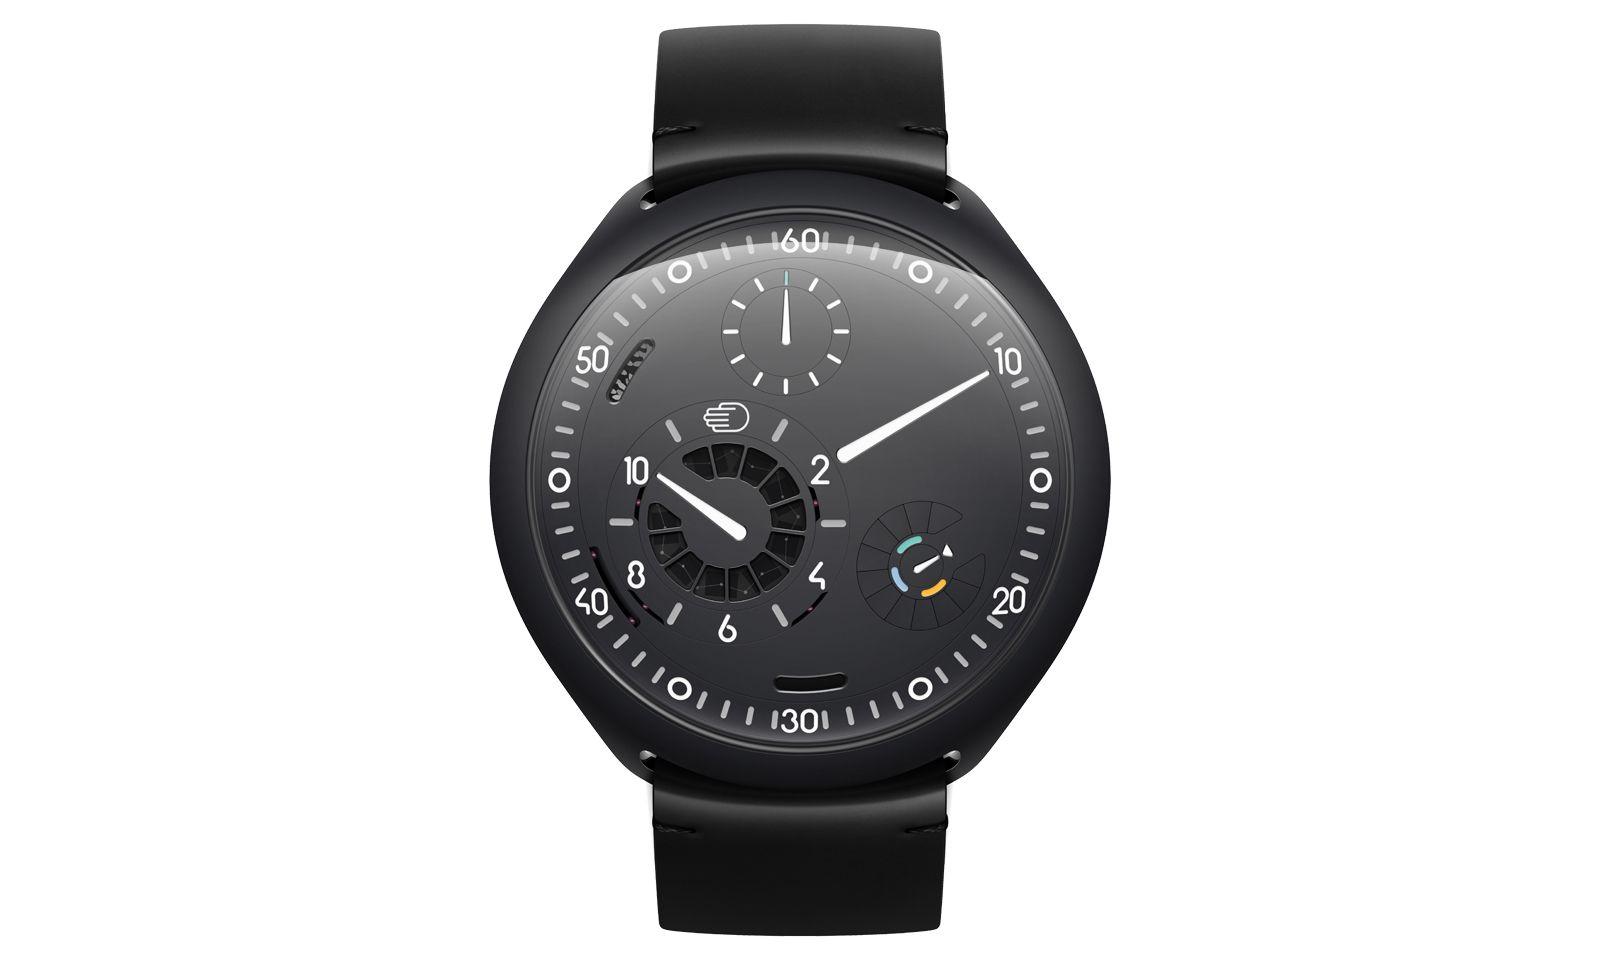 """Rotierende Scheiben ersetzen die Zeiger bei Ressence. Im Fall der """"Type 2"""" kommt noch ein technisches Feature hinzu, das in der Uhrenwelt noch nicht bekannt war: die sogenannte """"e-Crown"""", mit der die an sich mechanische Uhr ein elektronisches """"Gehirn"""" bekam."""